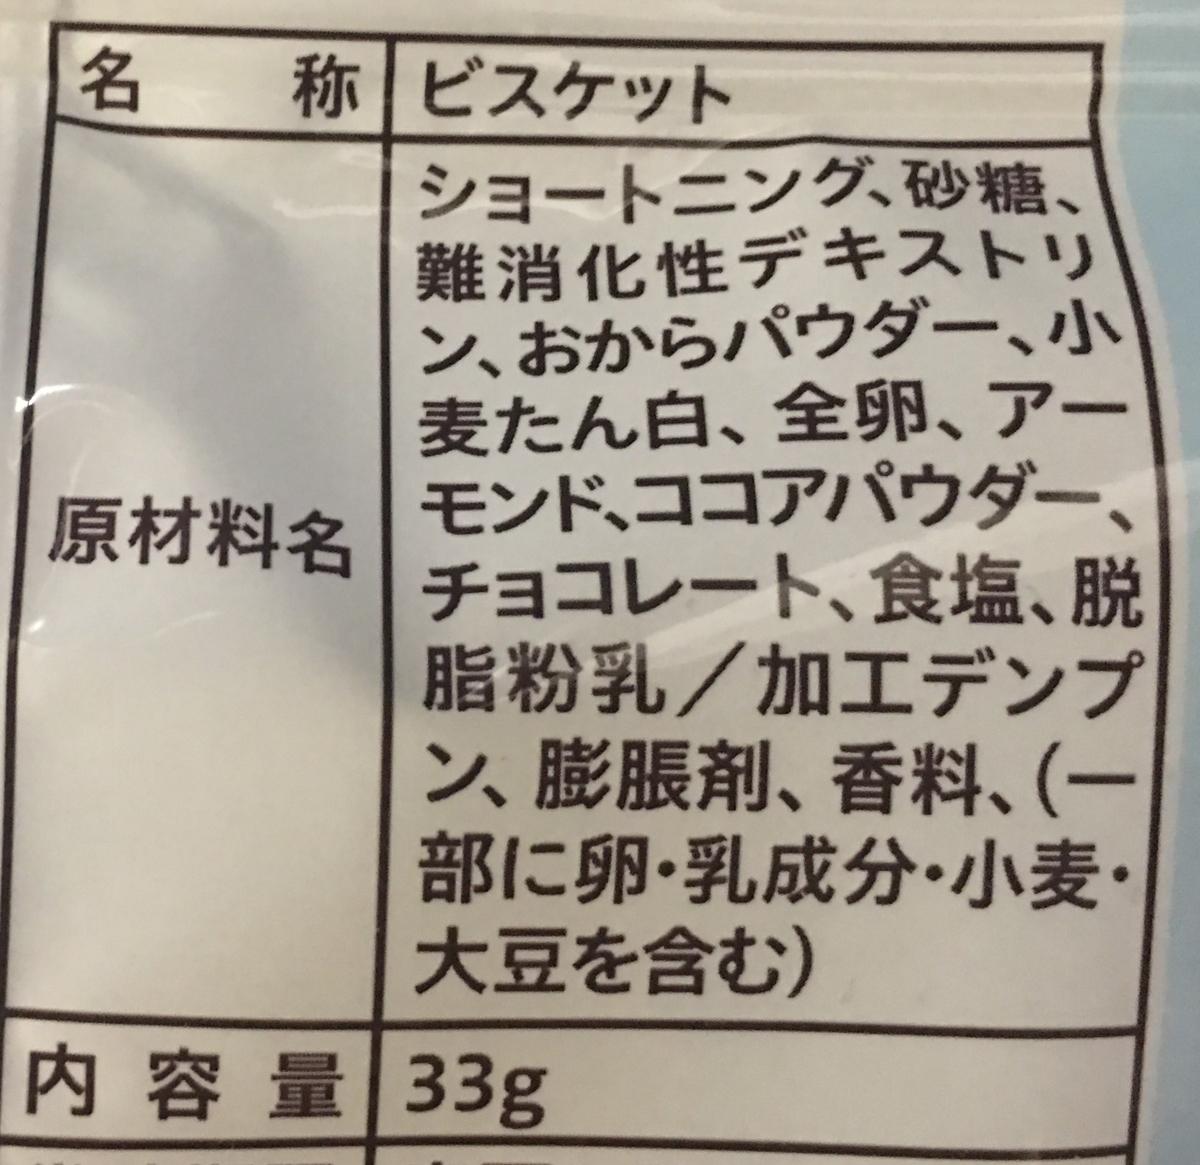 f:id:YOSHIO1010:20200611010840j:plain